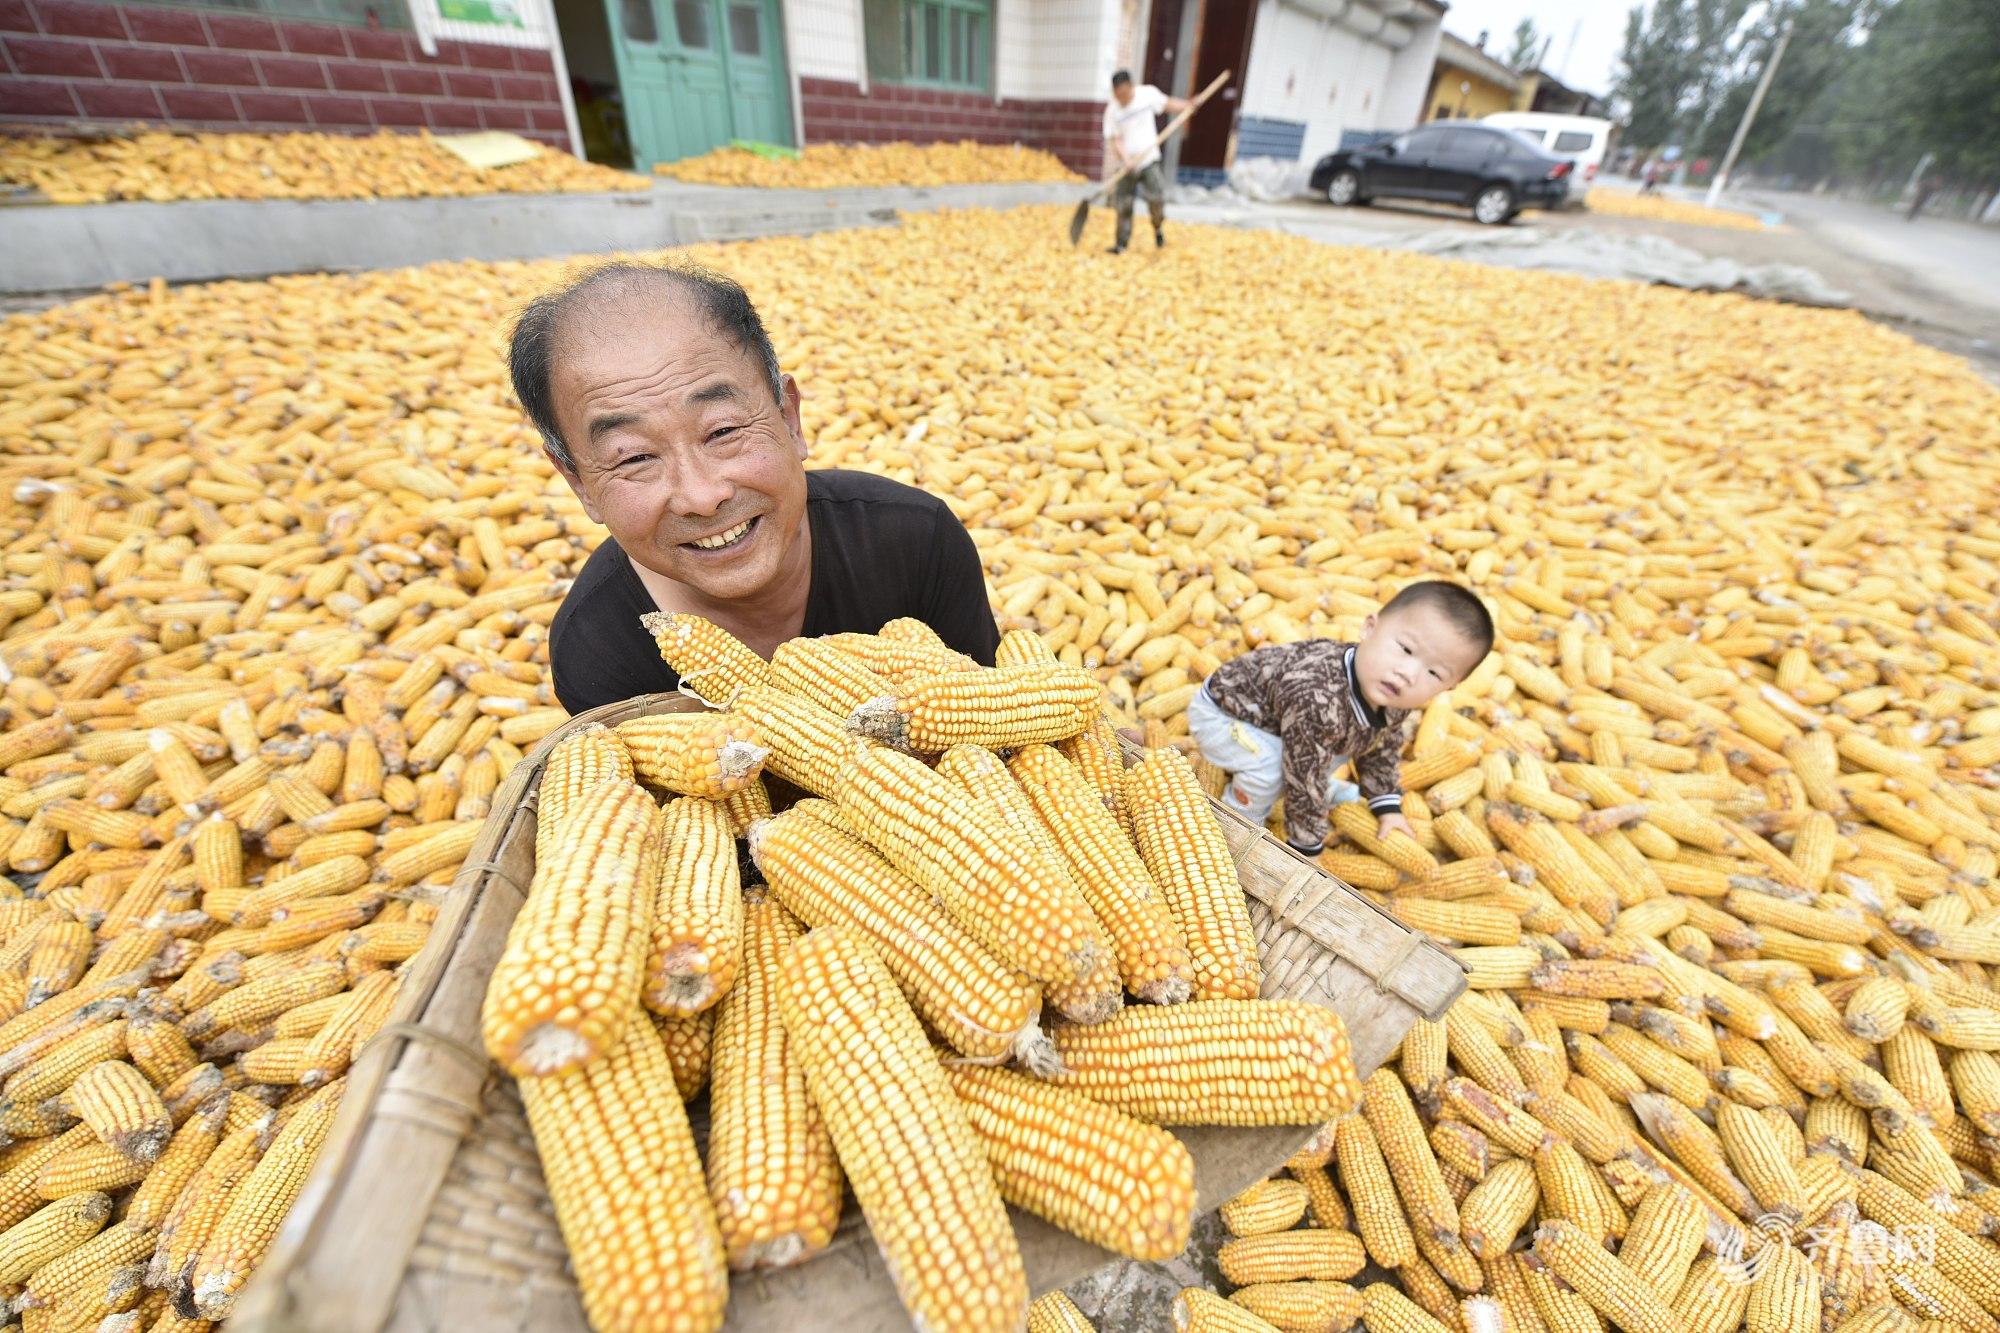 晒·秋 | 聊城农民金秋收获忙 玉米花生大枣相继丰收